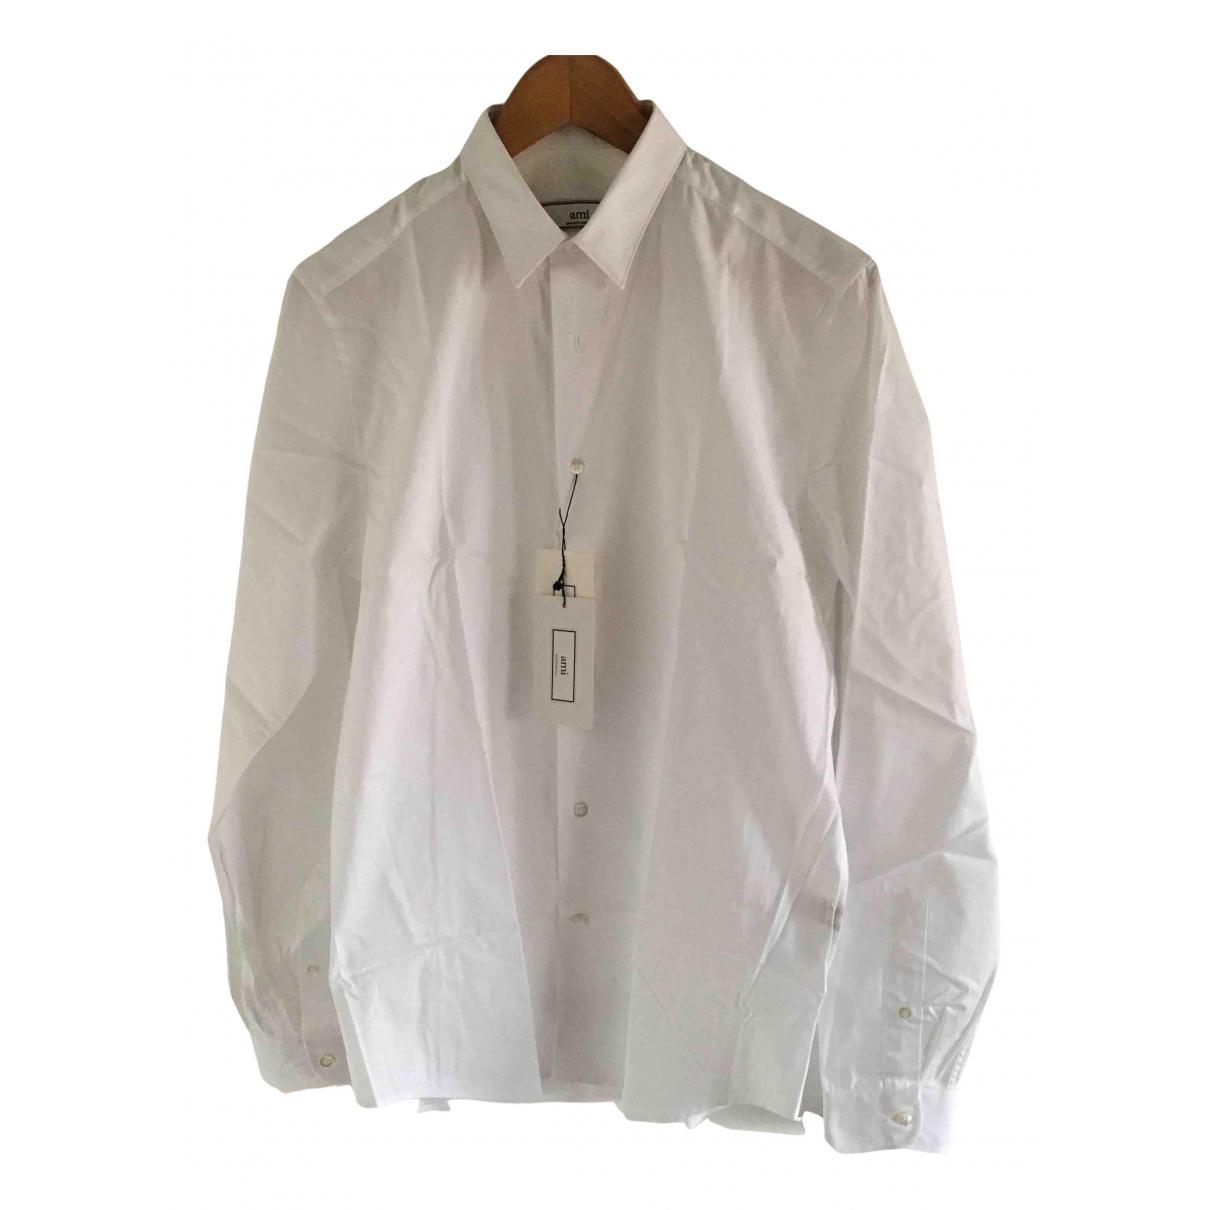 Ami N White Cotton Shirts for Men 39 EU (tour de cou / collar)